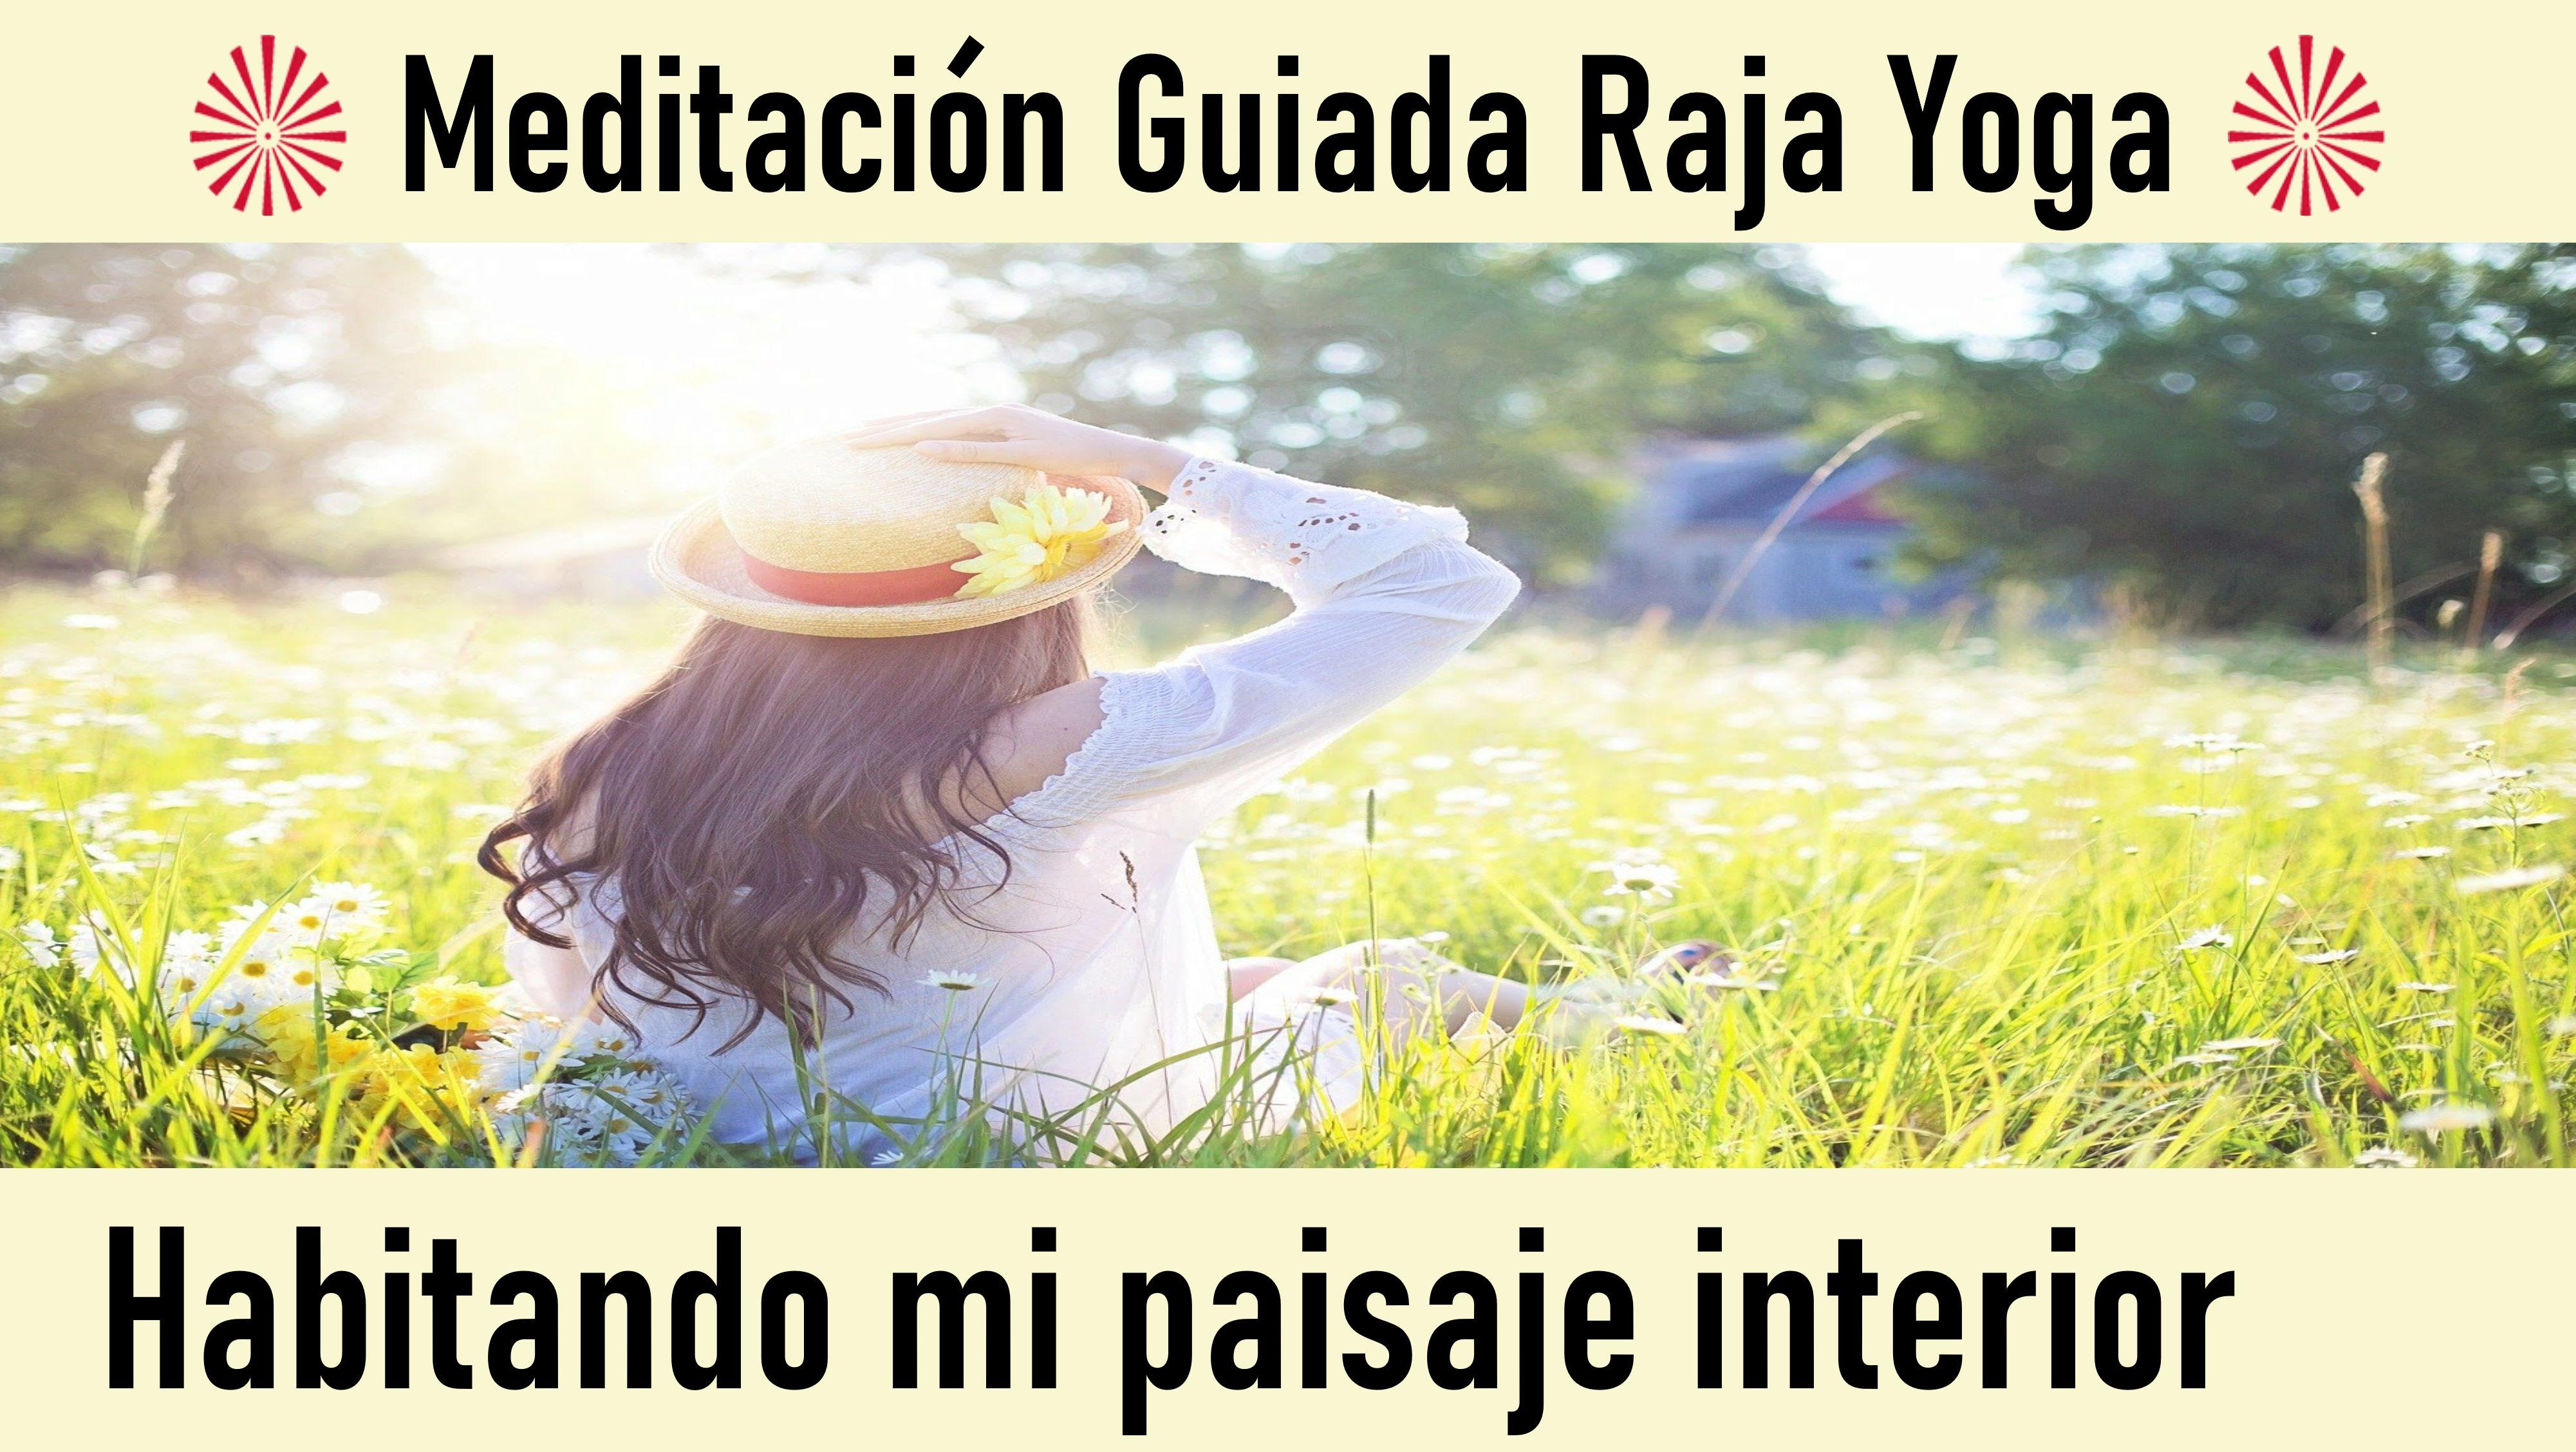 Meditación Raja Yoga:  Habitando mi paisaje interior (22 Mayo 2020) On-line desde Barcelona